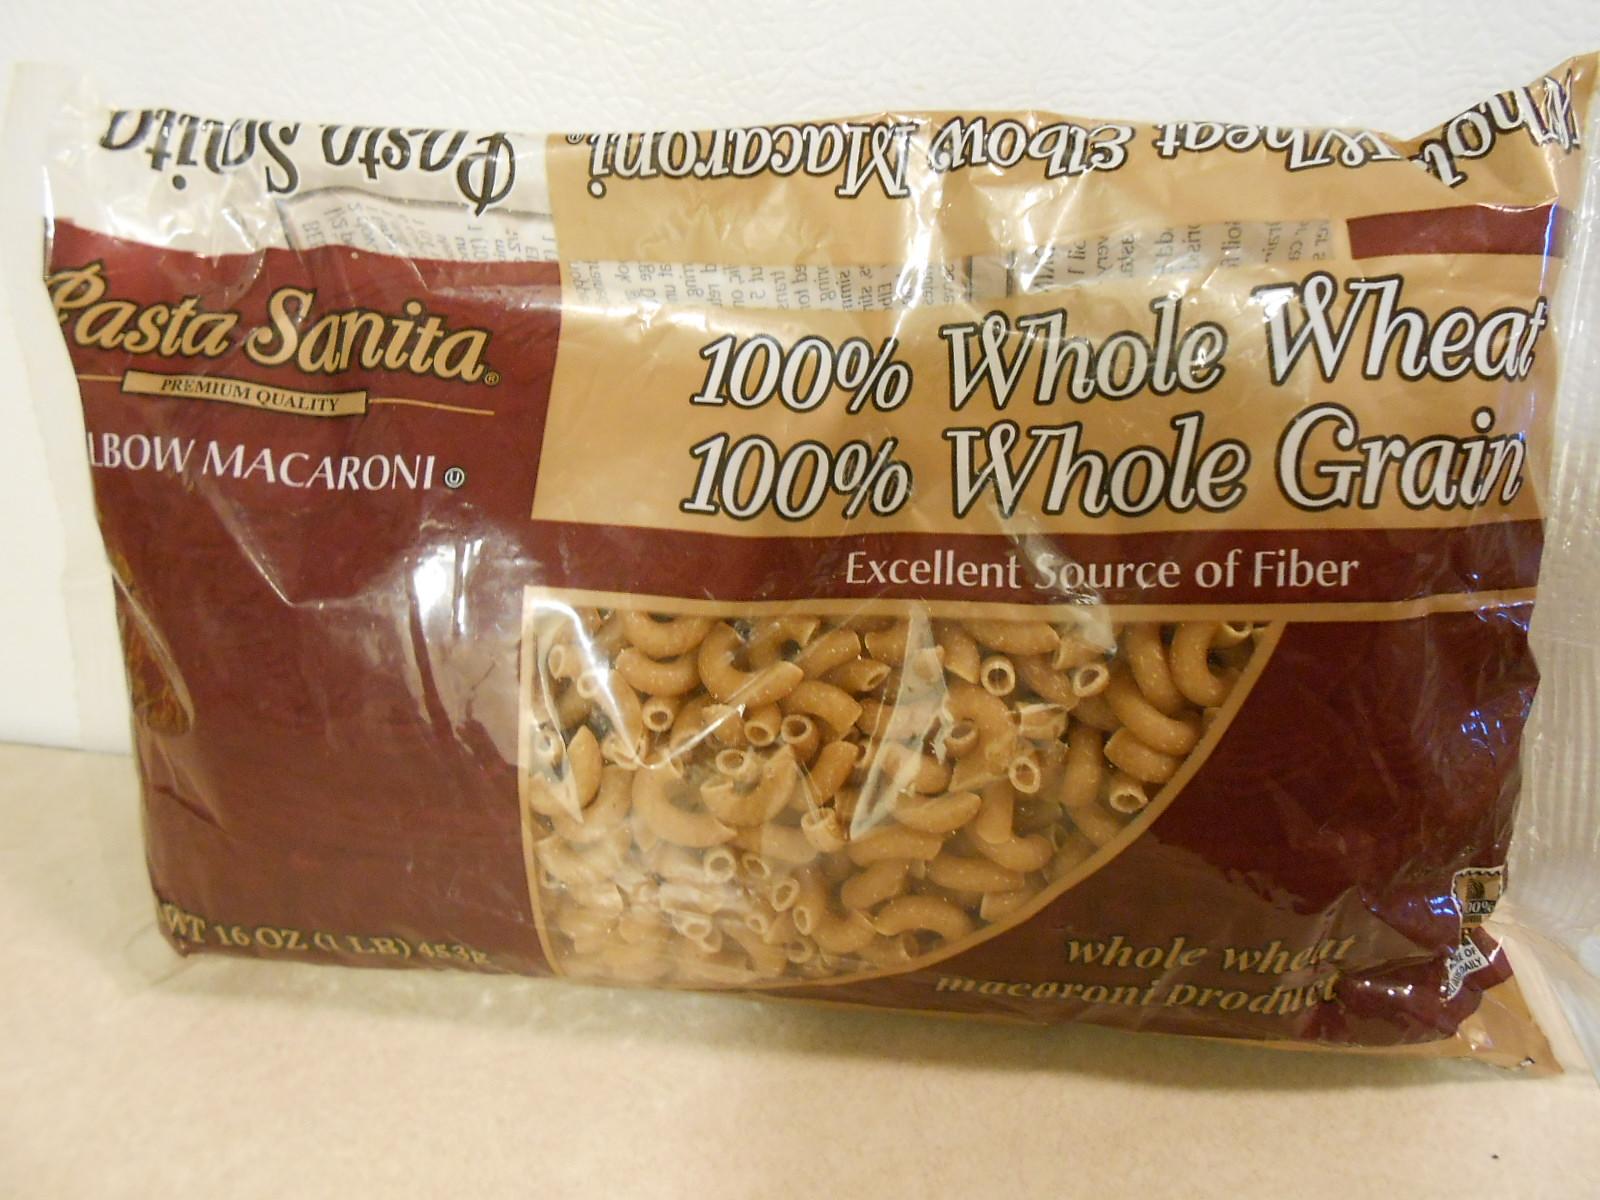 Pasta Sanita Whole Wheat Elbow Macaroni